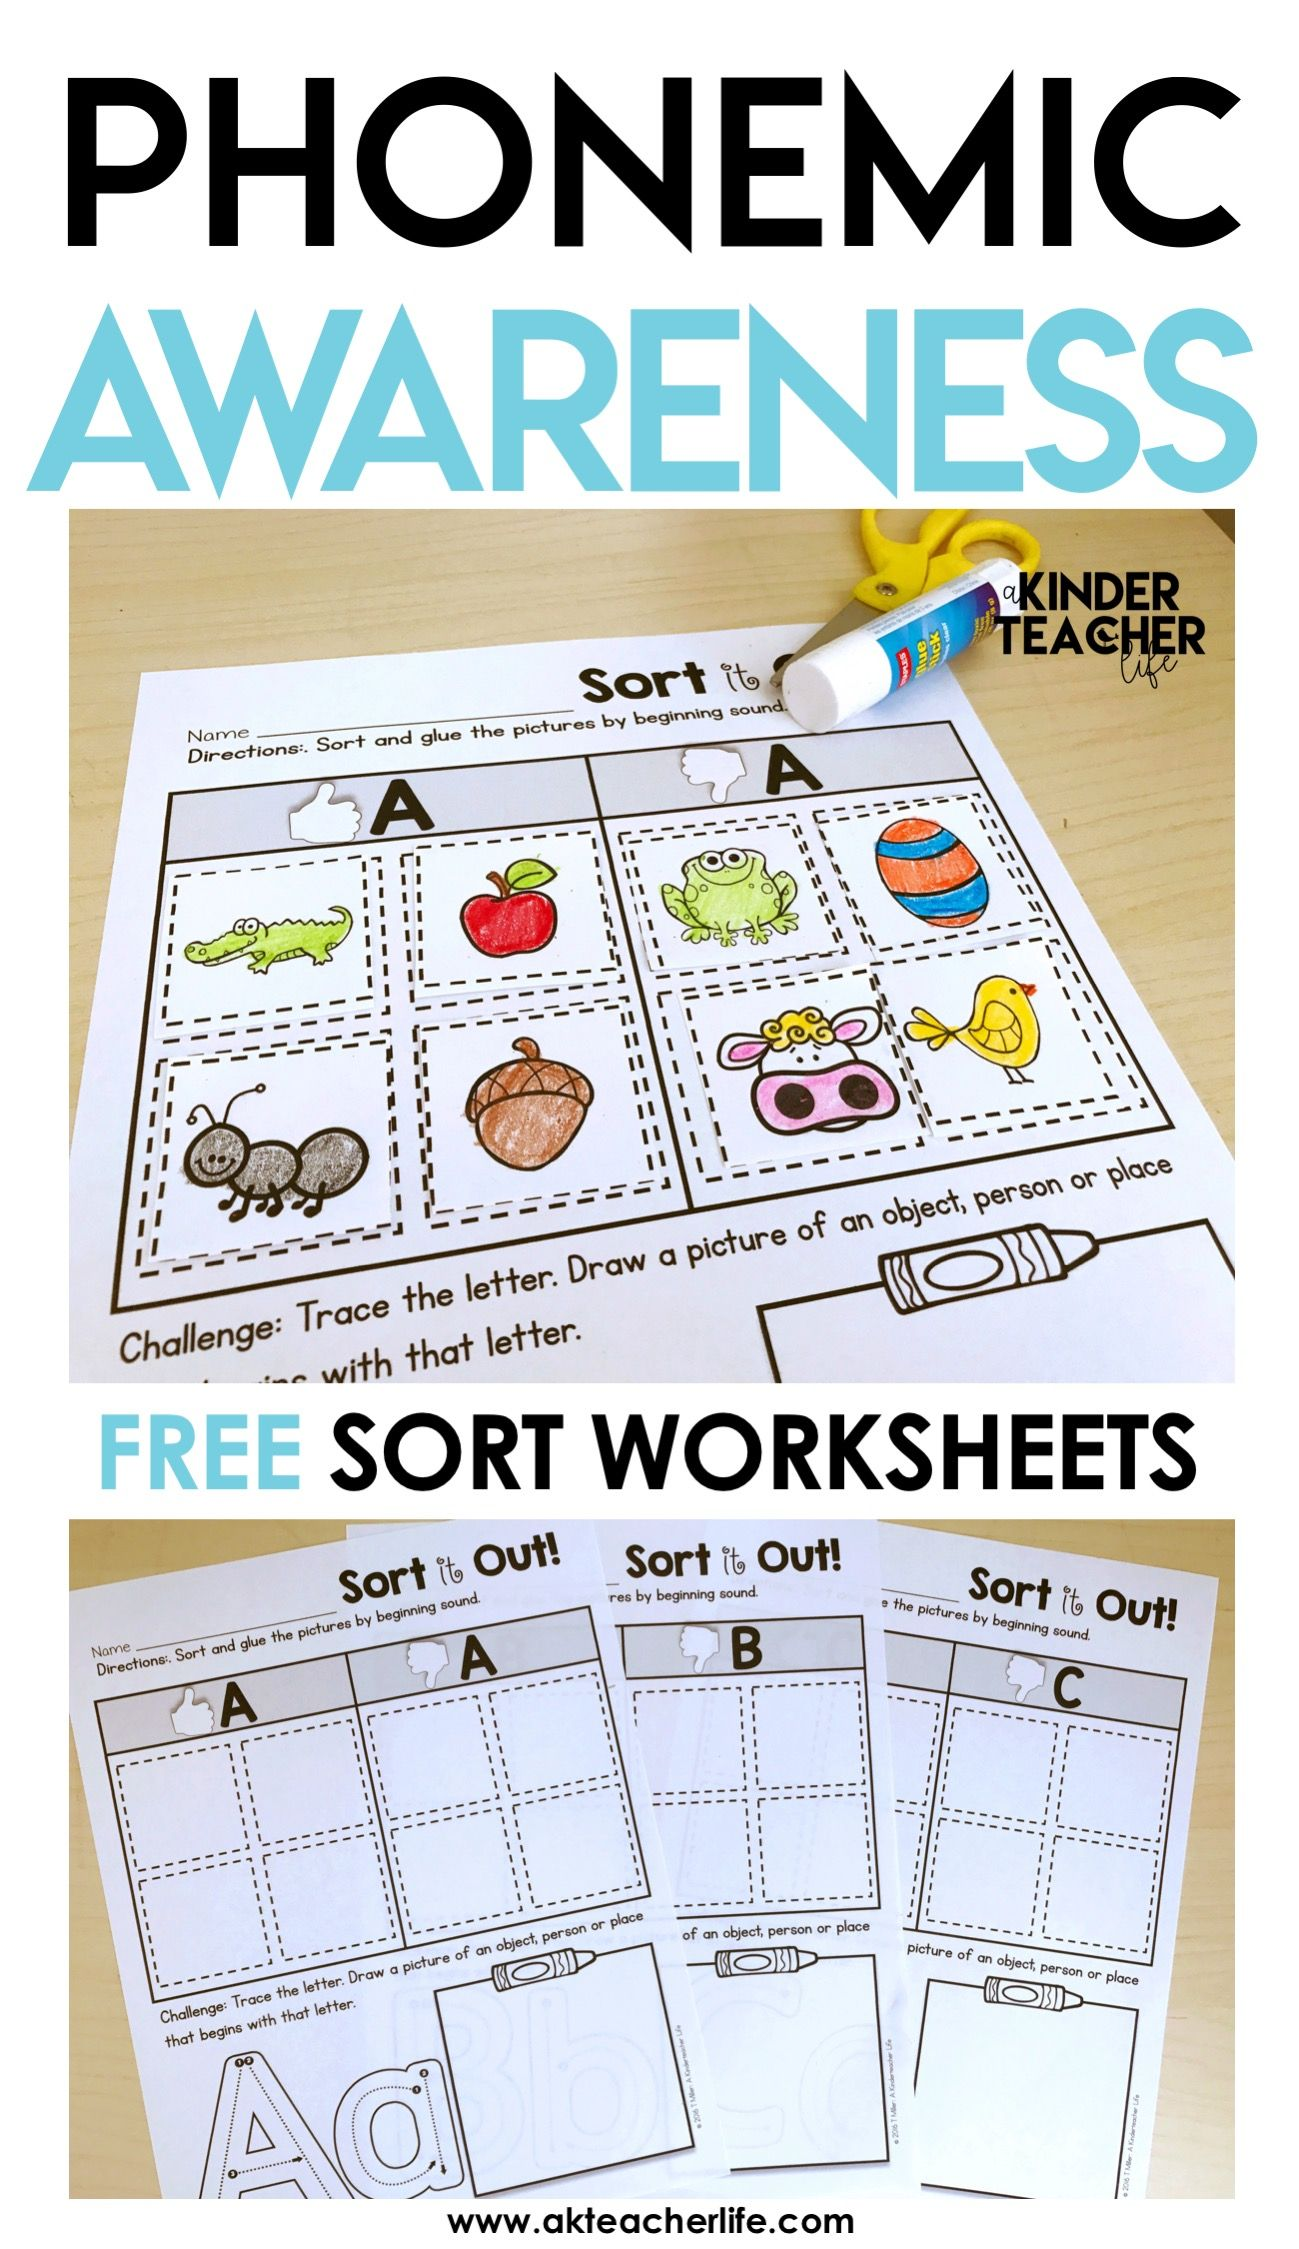 Free Phonemic Awareness Sorting Worksheets Phonics Kindergarten Phonemic Awareness Phonemic Awareness Activities [ 2249 x 1299 Pixel ]